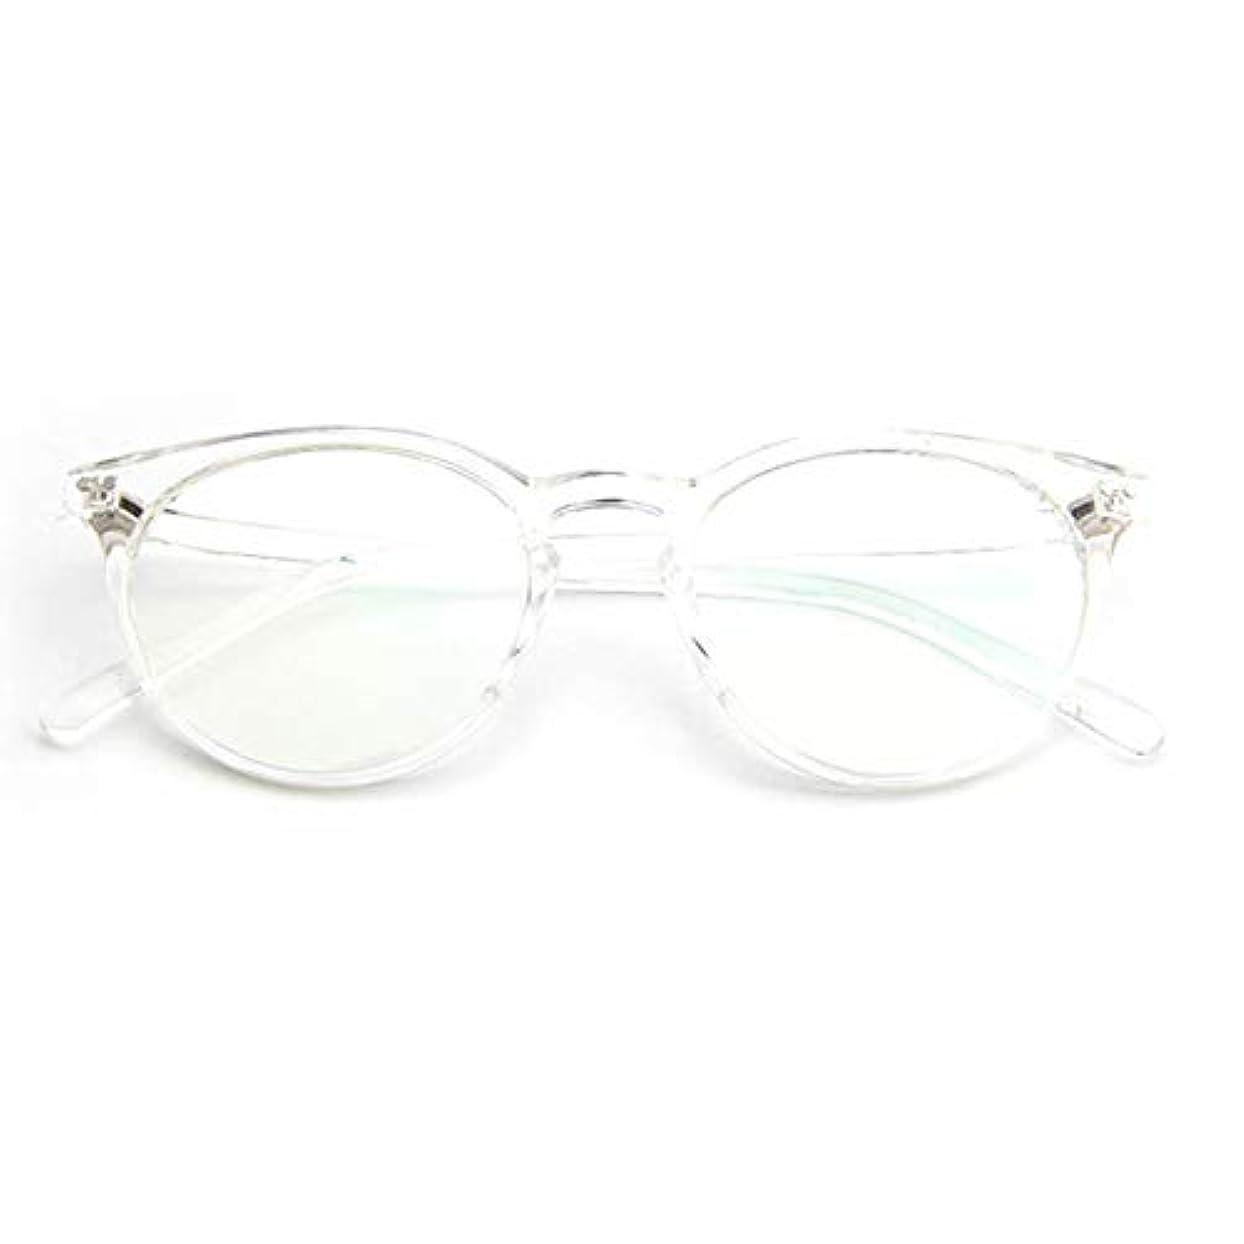 座る三角形ポゴスティックジャンプ小さな新鮮な米ネイルフレームレンズレトロ古風な円形フレームファッションフレーム男性用近視眼鏡女性-透明な白